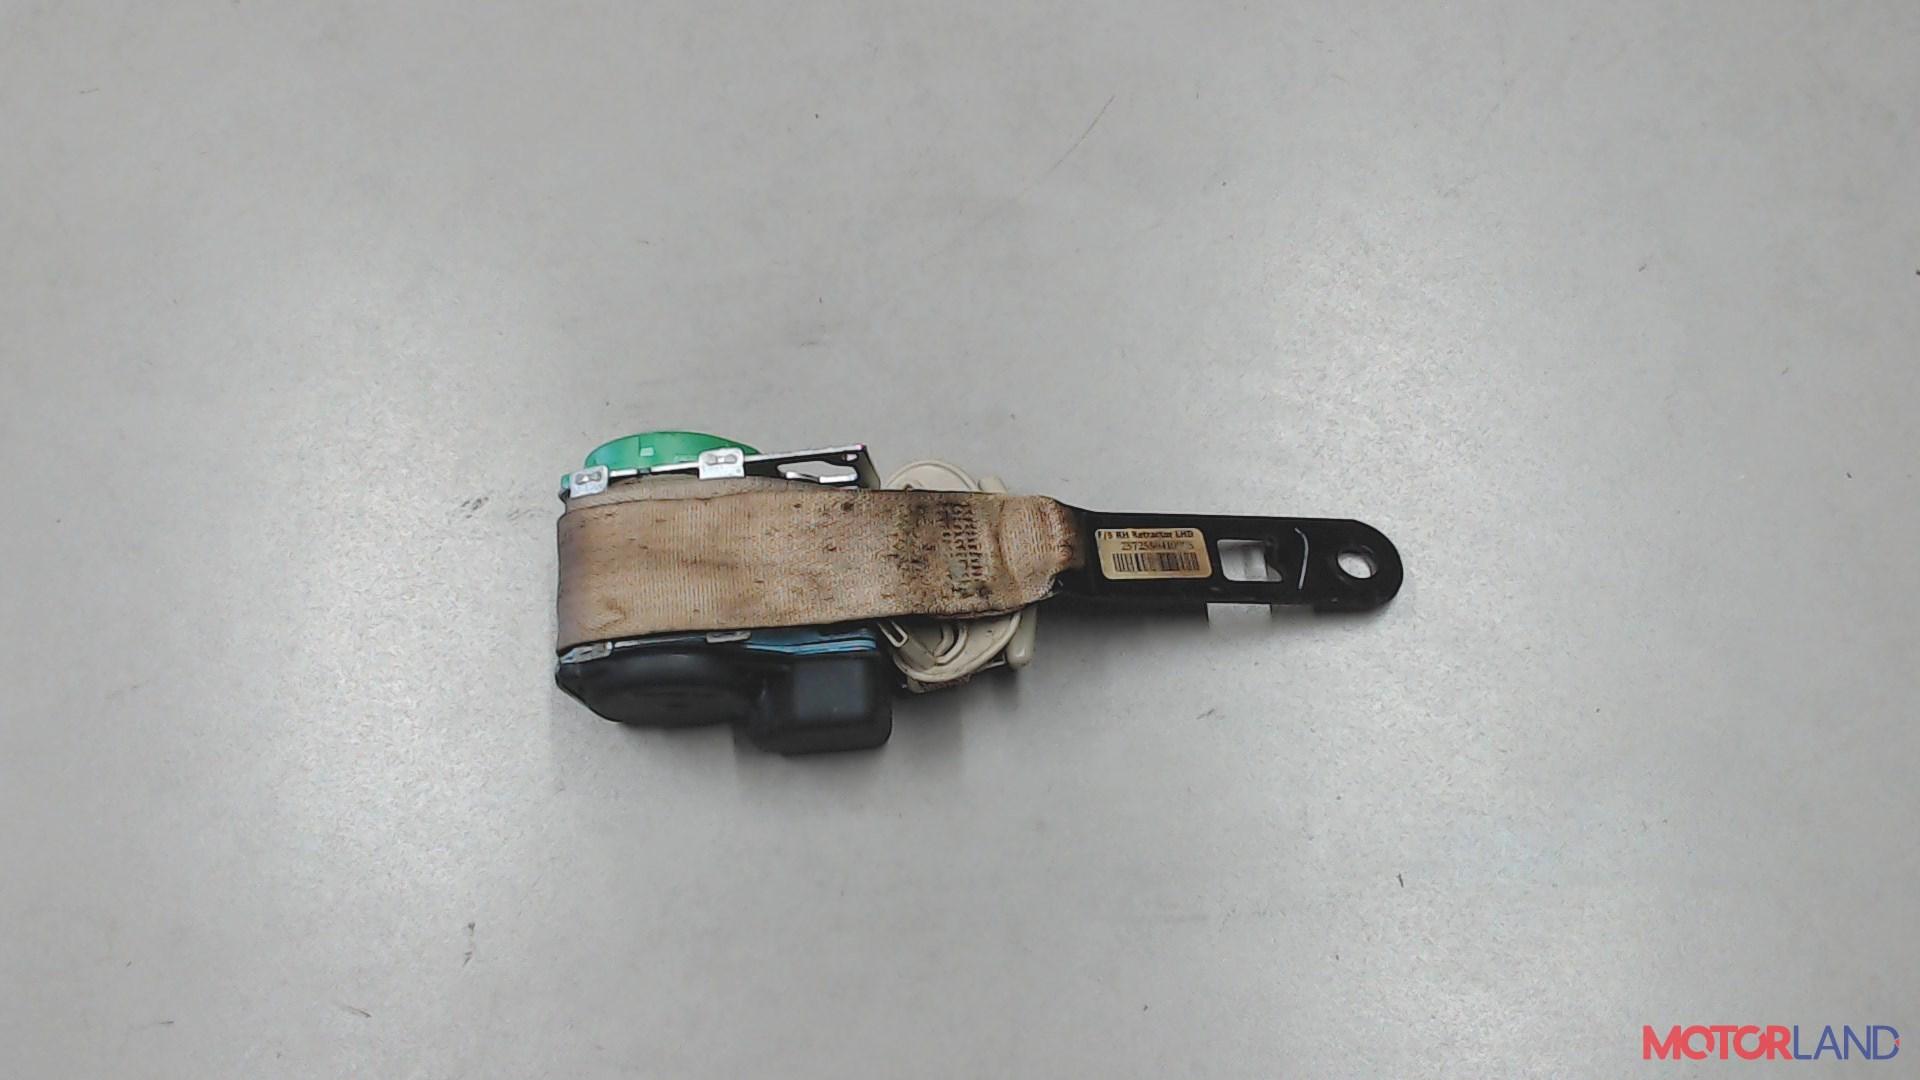 Ремень безопасности Cadillac SRX 2004-2009, Артикул 5022816 #1